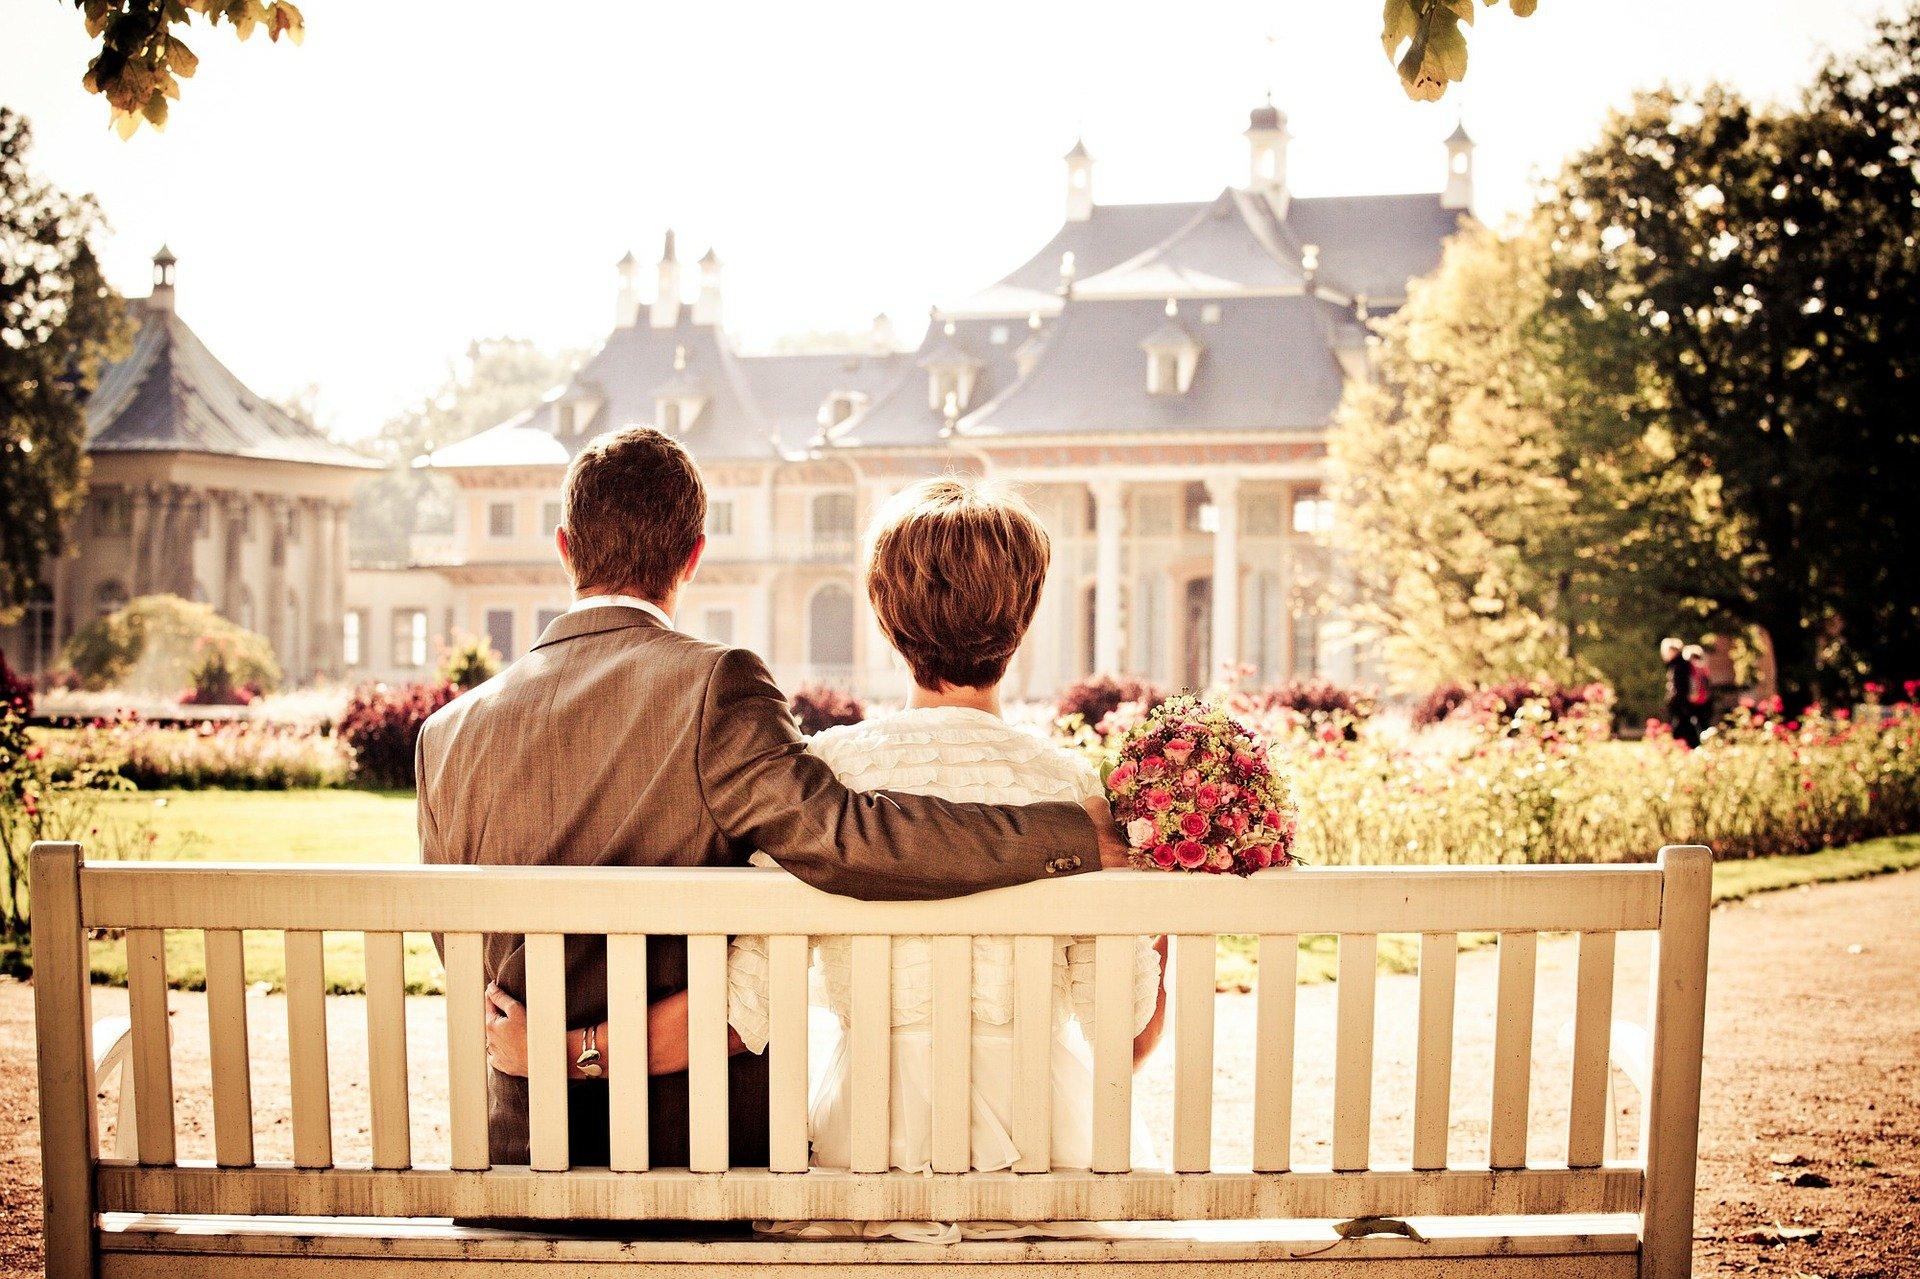 Pareja sentada en banca. Fuente: Pixabay